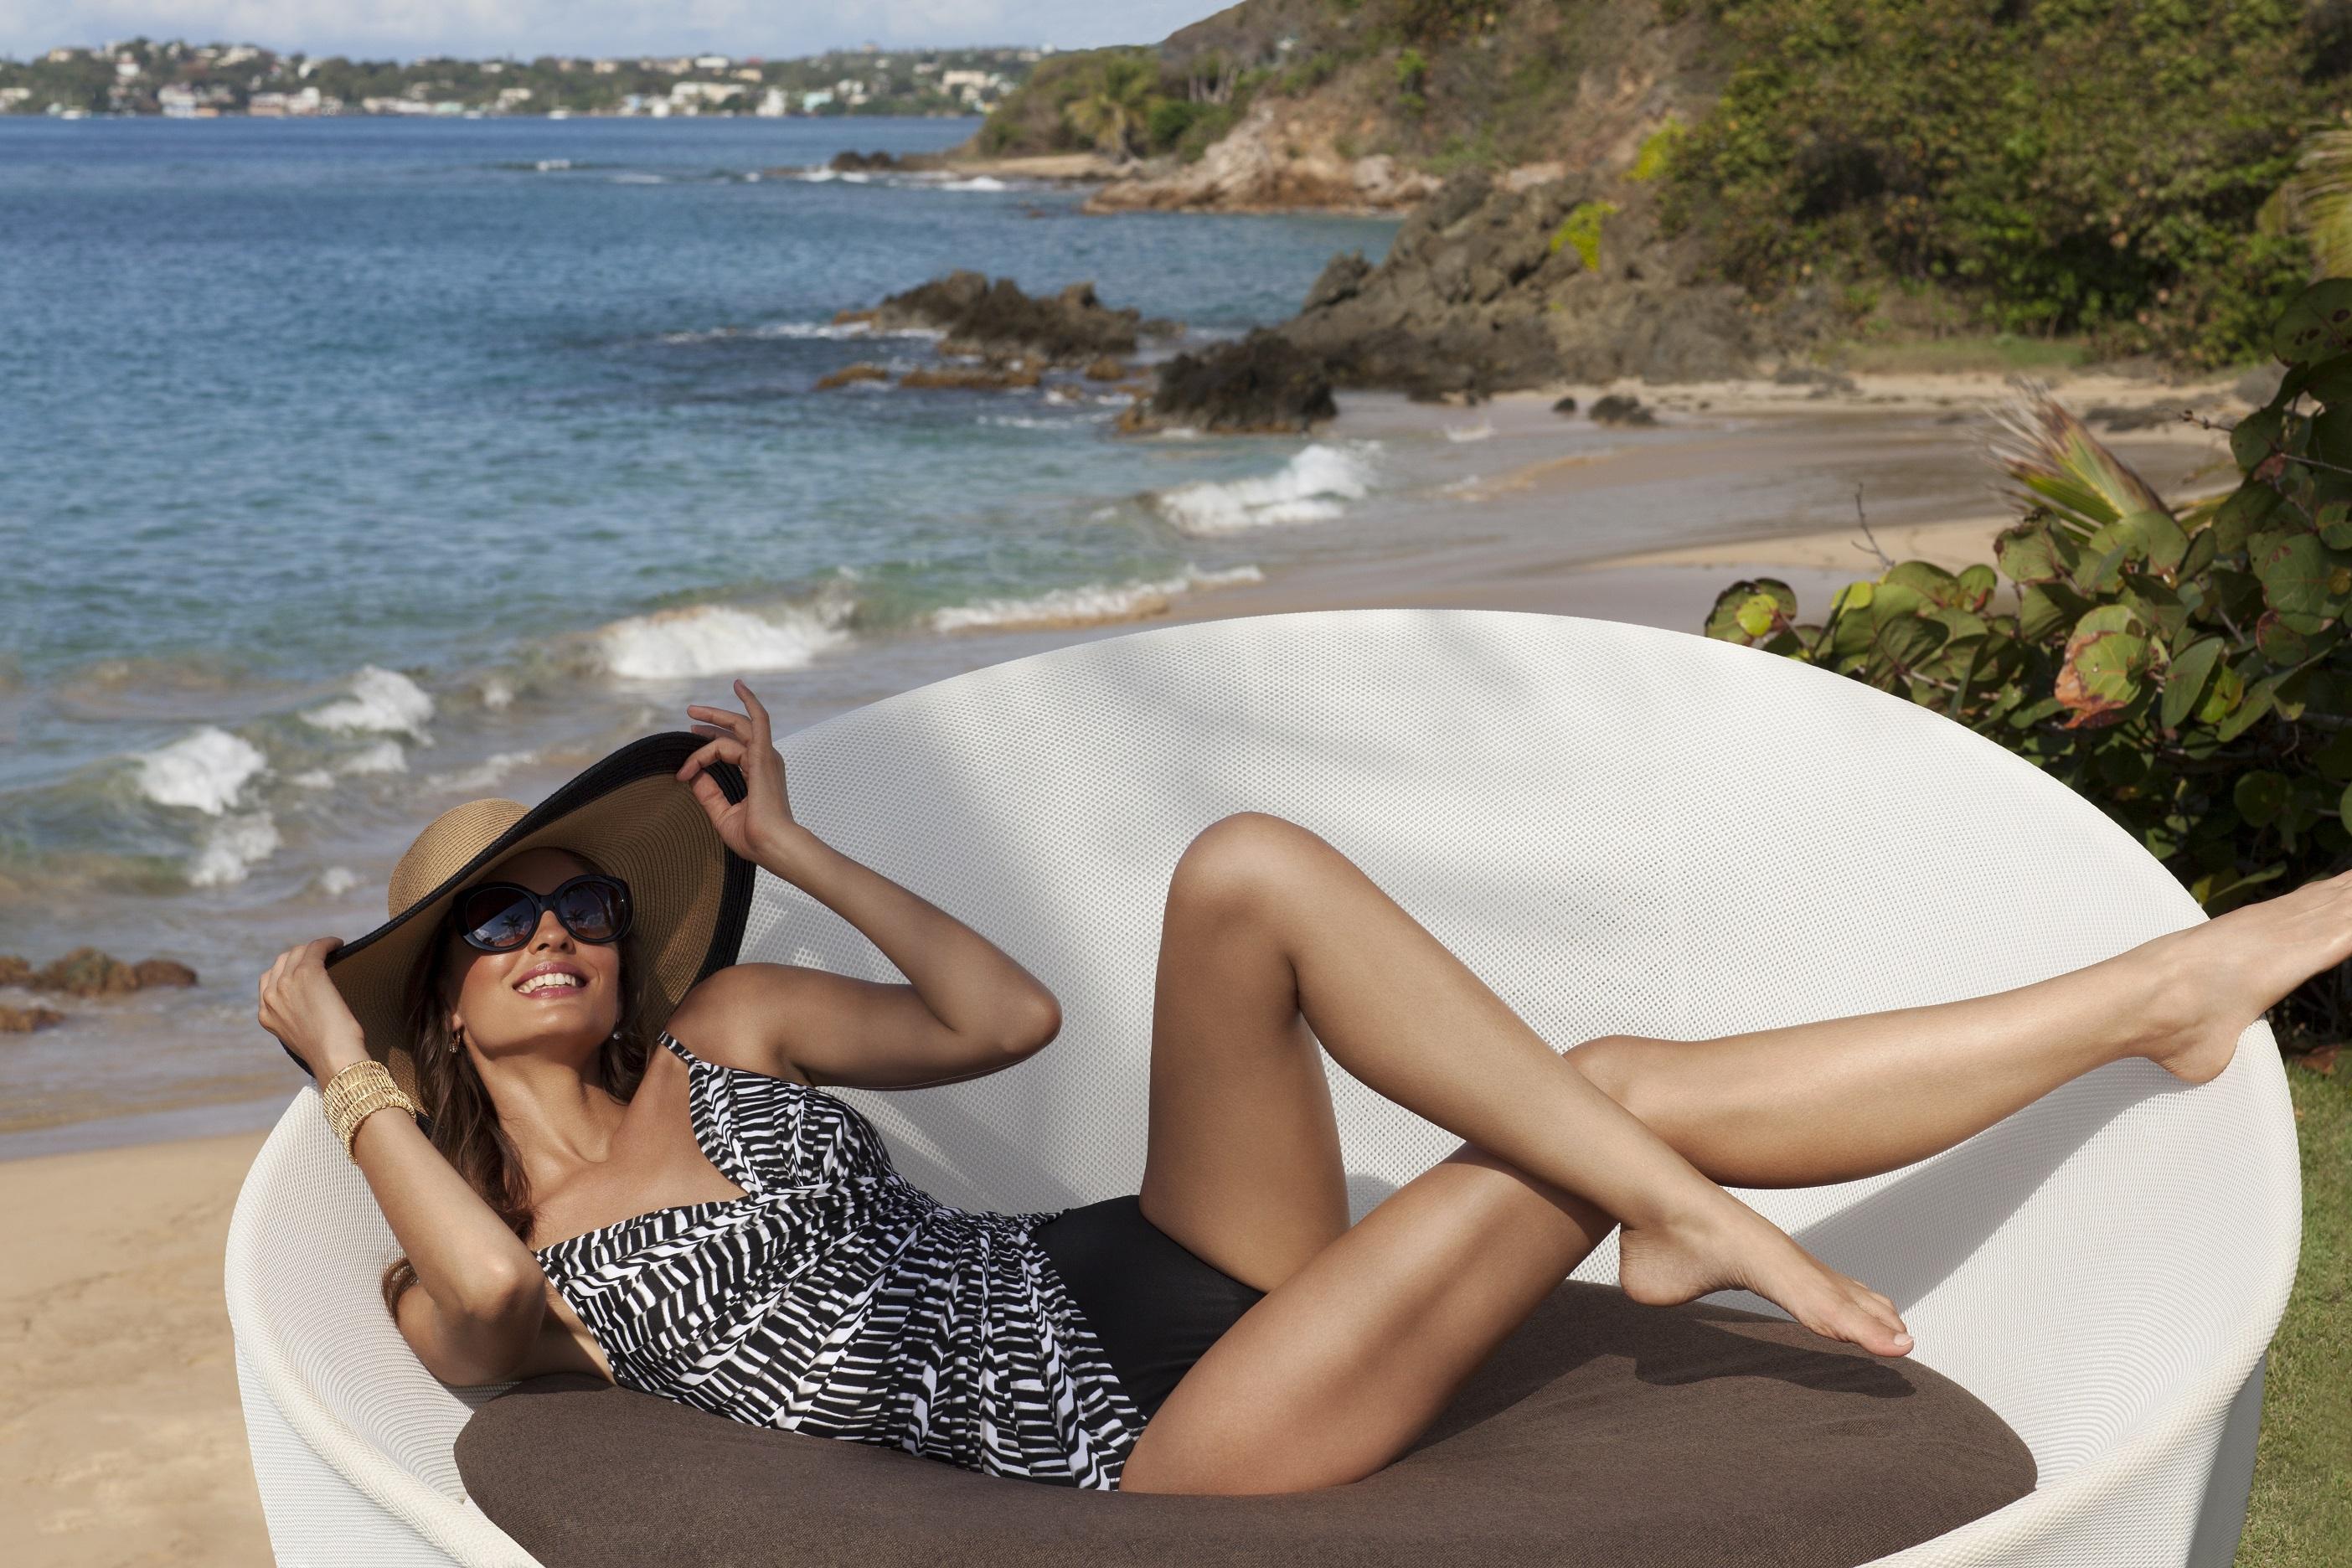 Модное единение: слитный купальник с эффектом стройности